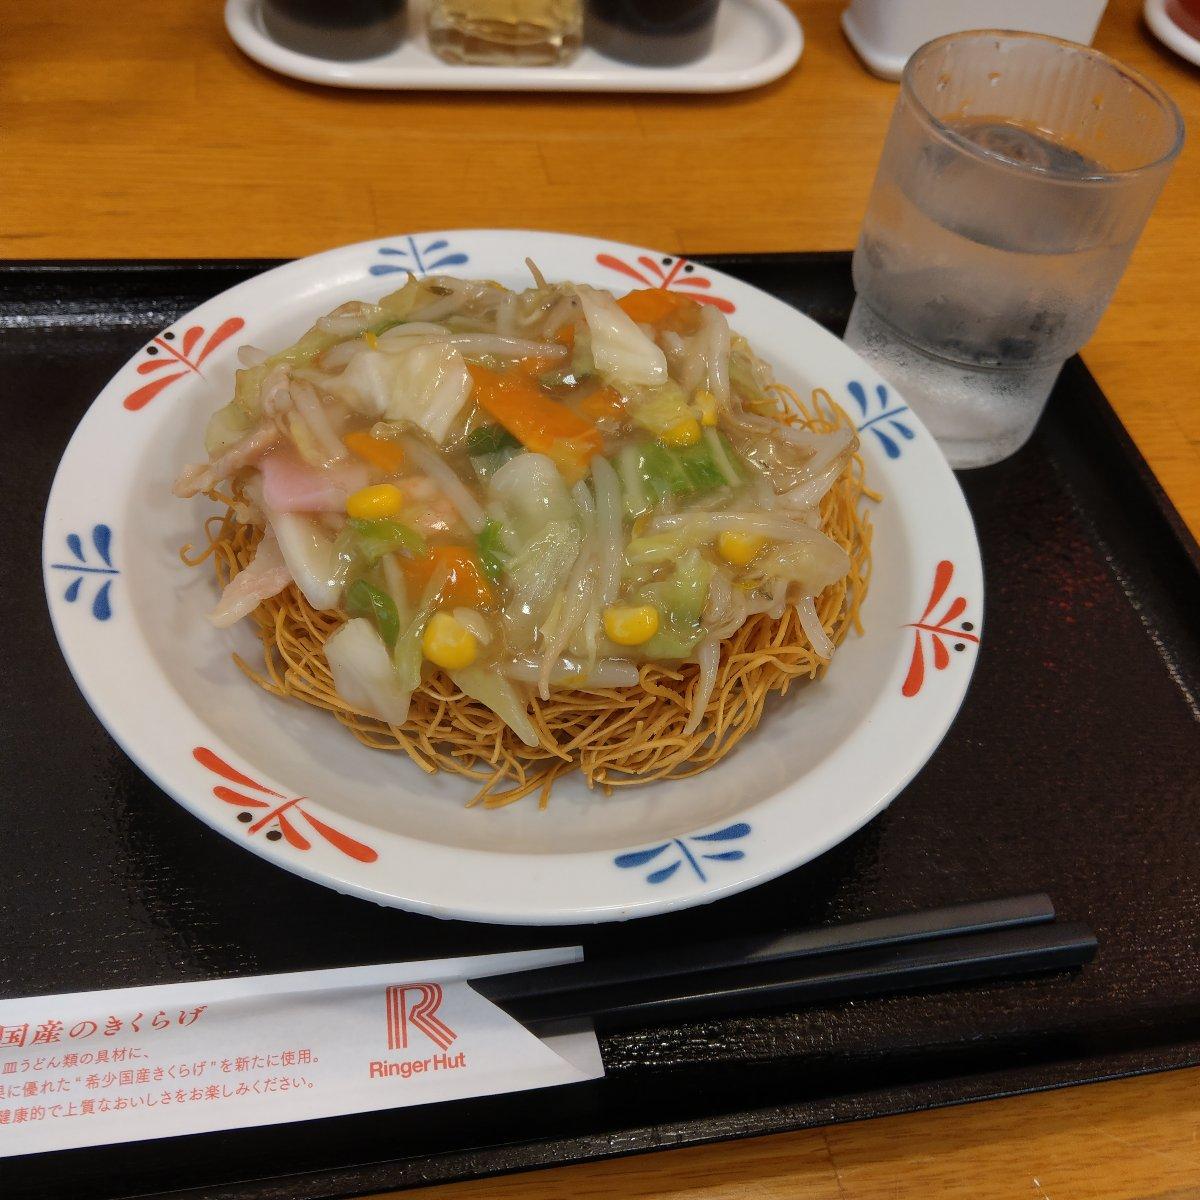 test ツイッターメディア - LINE Payちゃんが300円クーポンくれたので、遅めのお昼にリンガーハットを食べるなど。 https://t.co/KmfRXFXmKT